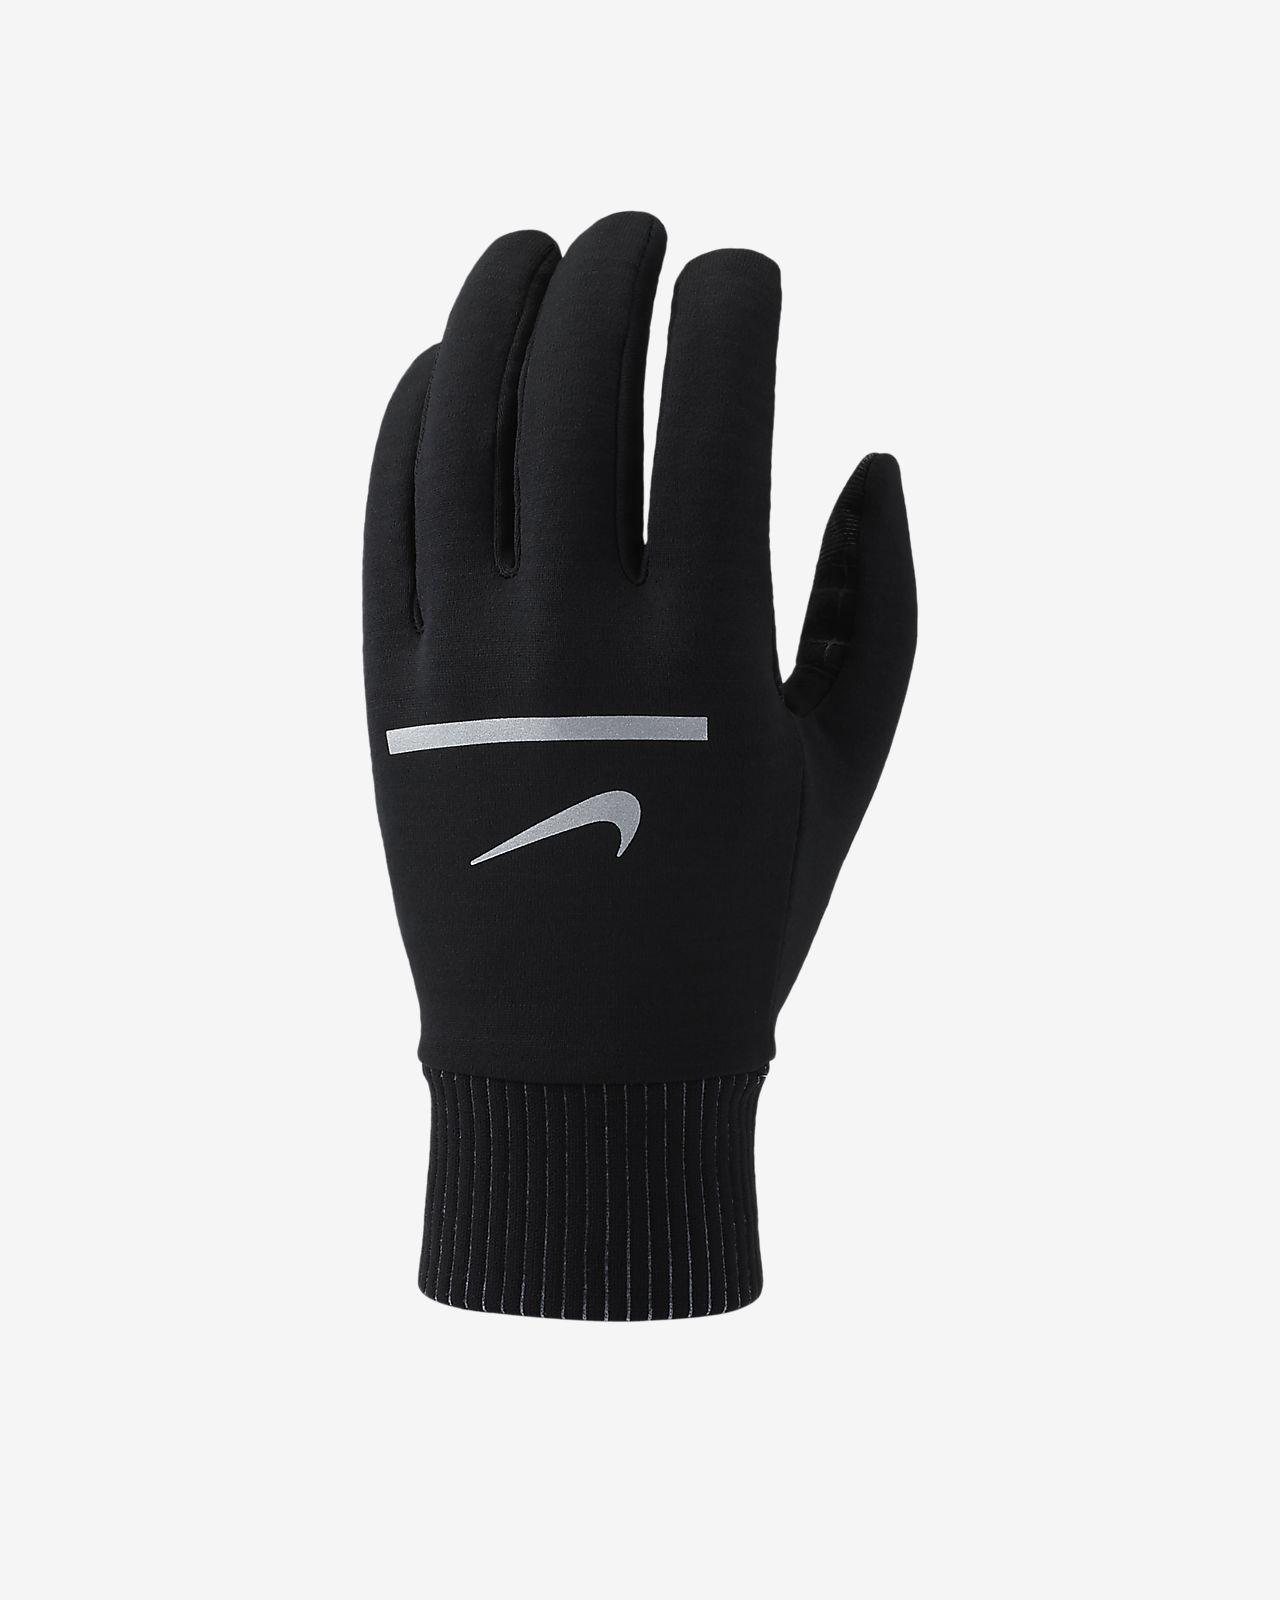 dc2450052 Męskie rękawiczki do biegania Nike Therma Sphere. Nike.com PL